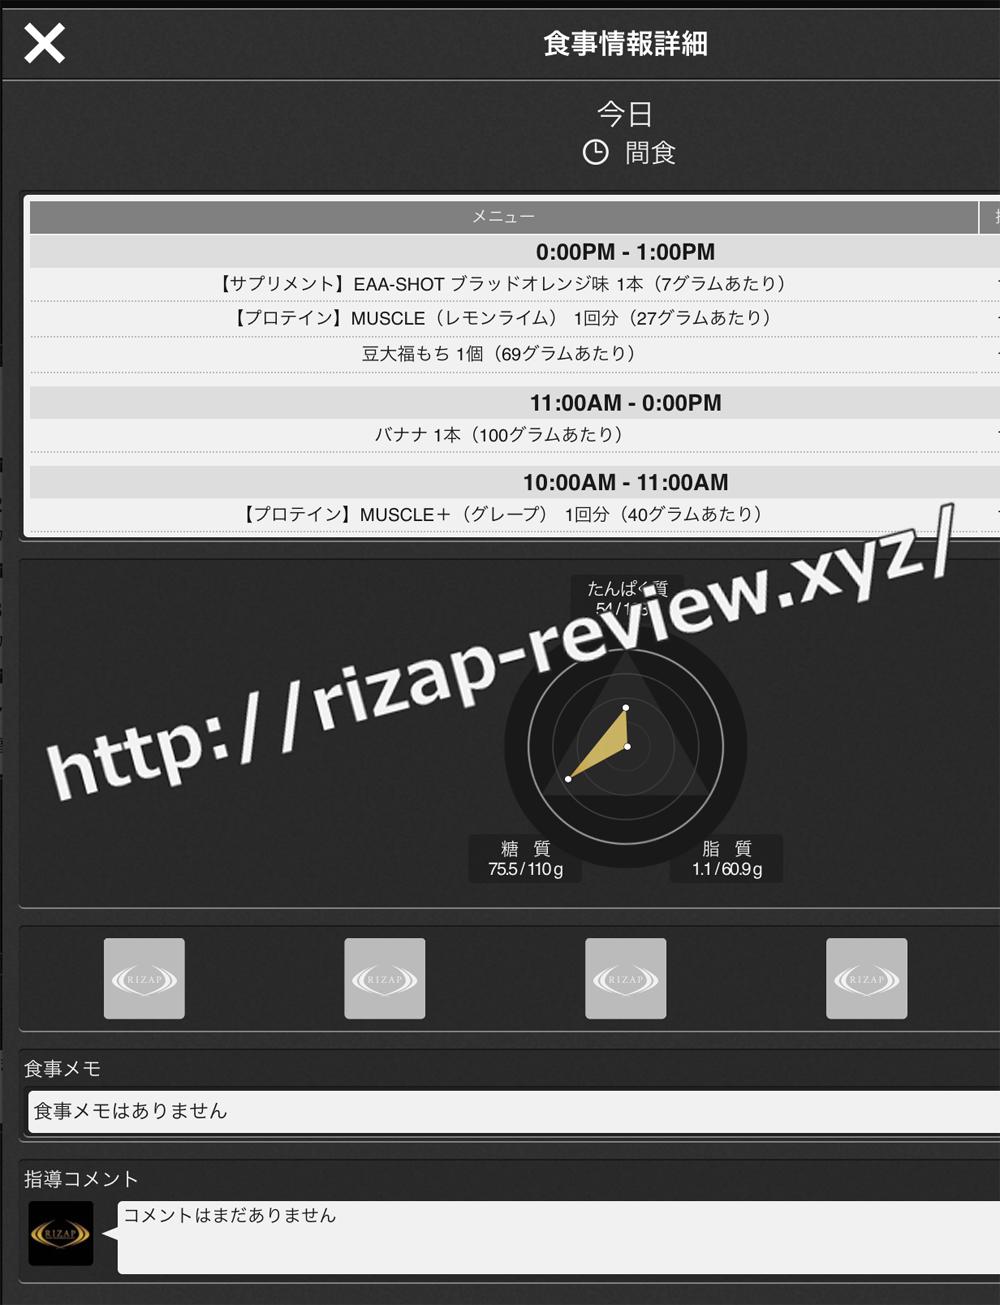 2018.12.25(火)ライザップ流の間食